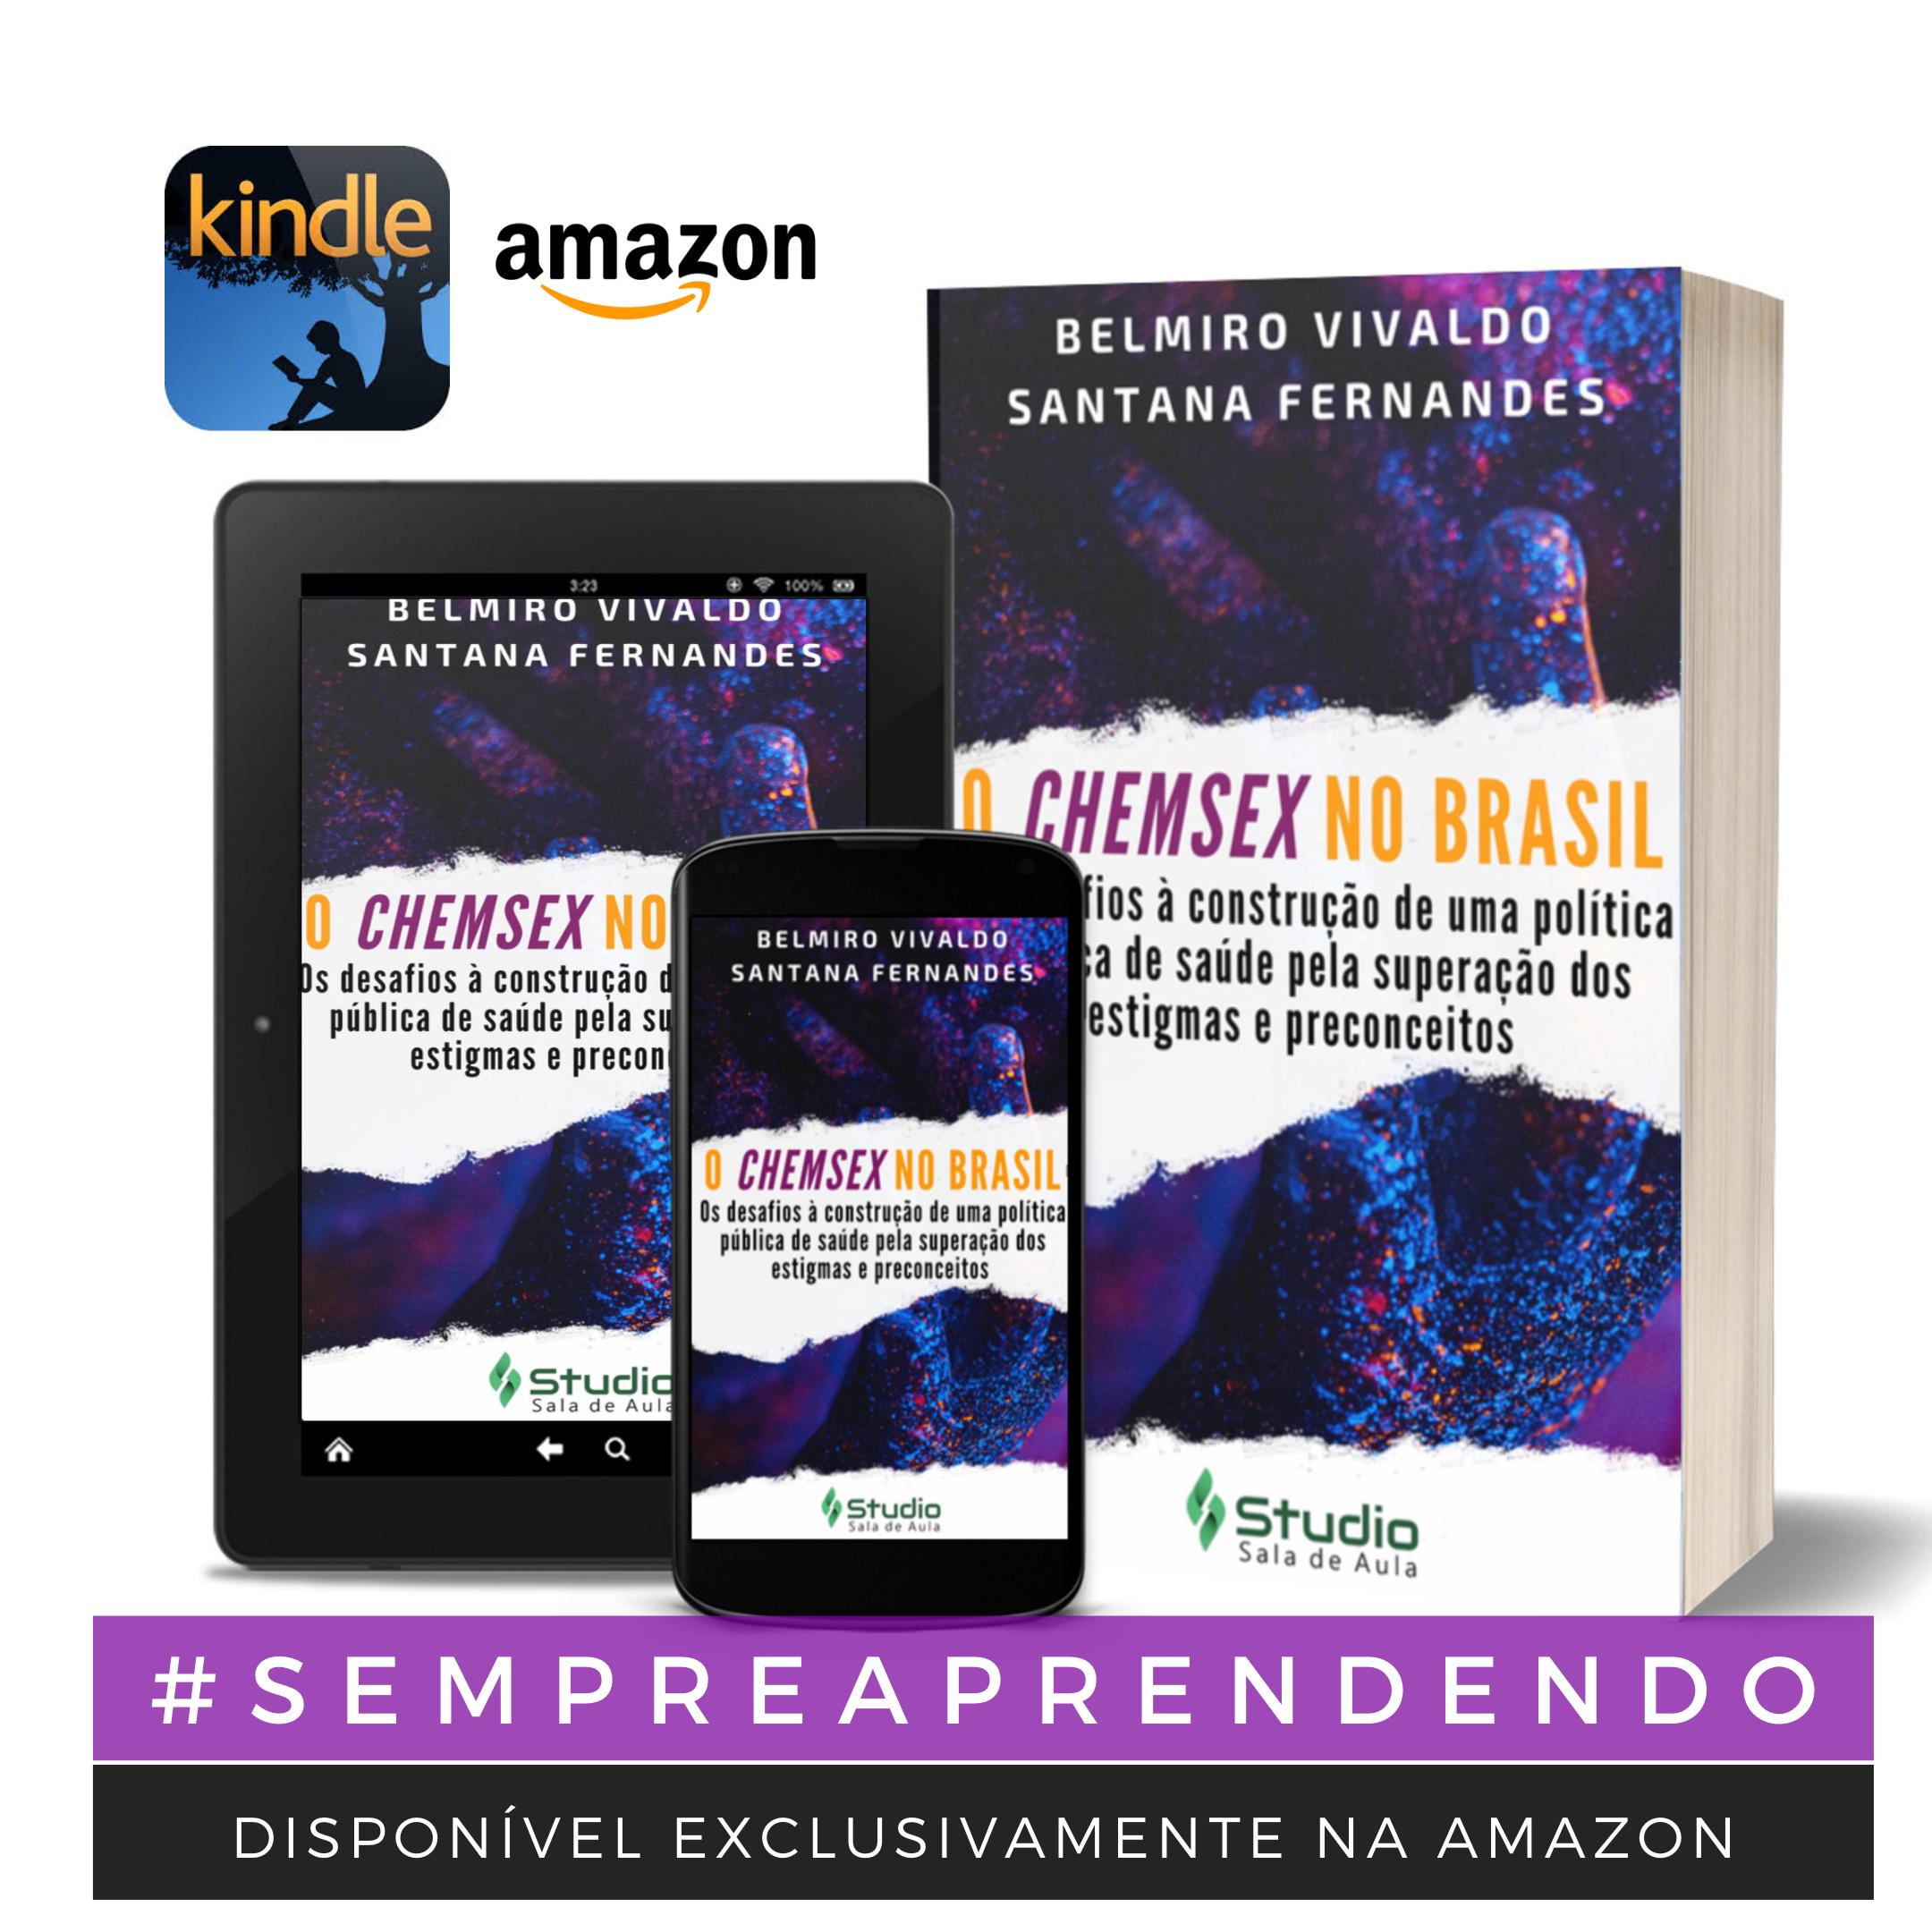 O Chemsex (Sexo químico) no Brasil: Os desafios à construção de uma política pública de saúde pela s